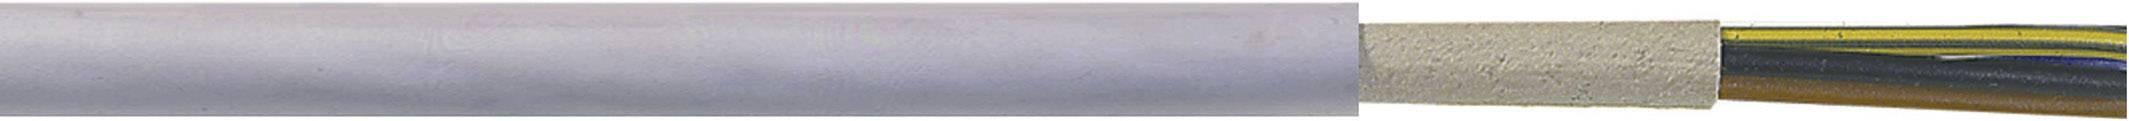 Instalační kabel LappKabel NYM-J 5G16 (16000543), 5 x 16 mm², 23 mm, 300/500 V, šedá, 500m